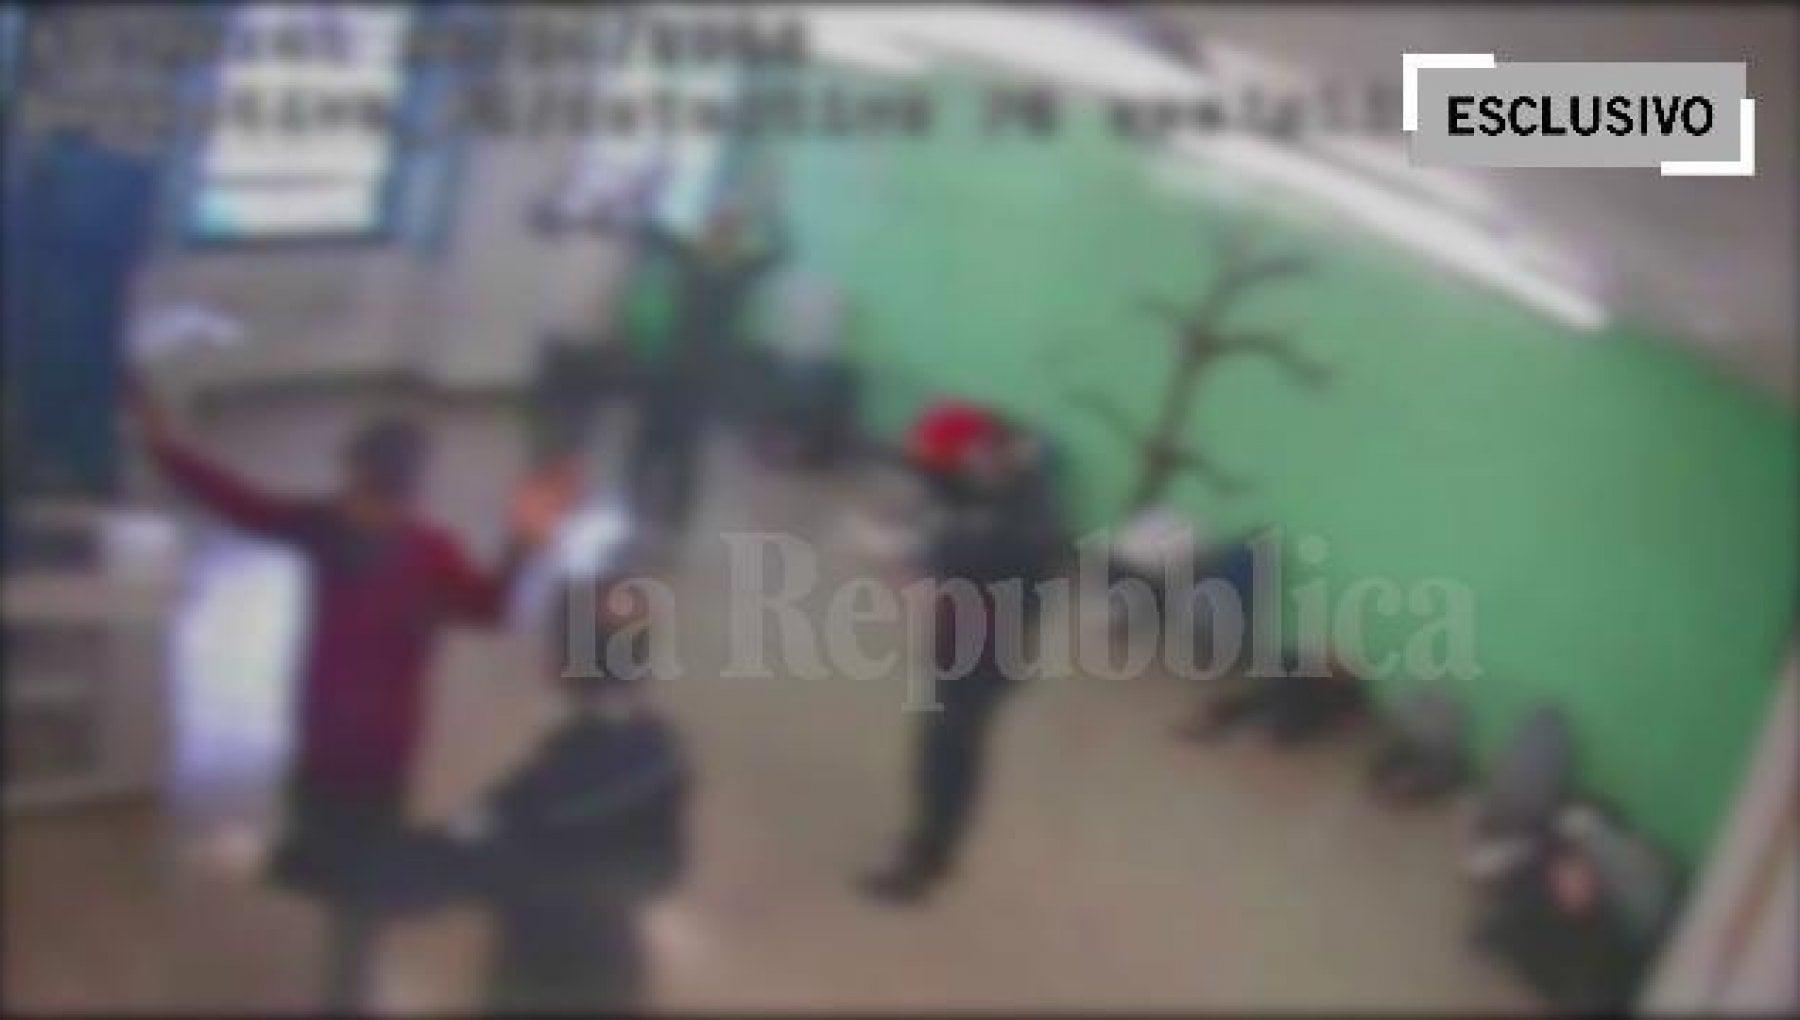 225345713 85b066b1 4153 45c2 9253 776d1c3f6119 - Pestaggi in carcere: venti contro uno, i video mai visti della mattanza a Santa Maria Capua Vetere